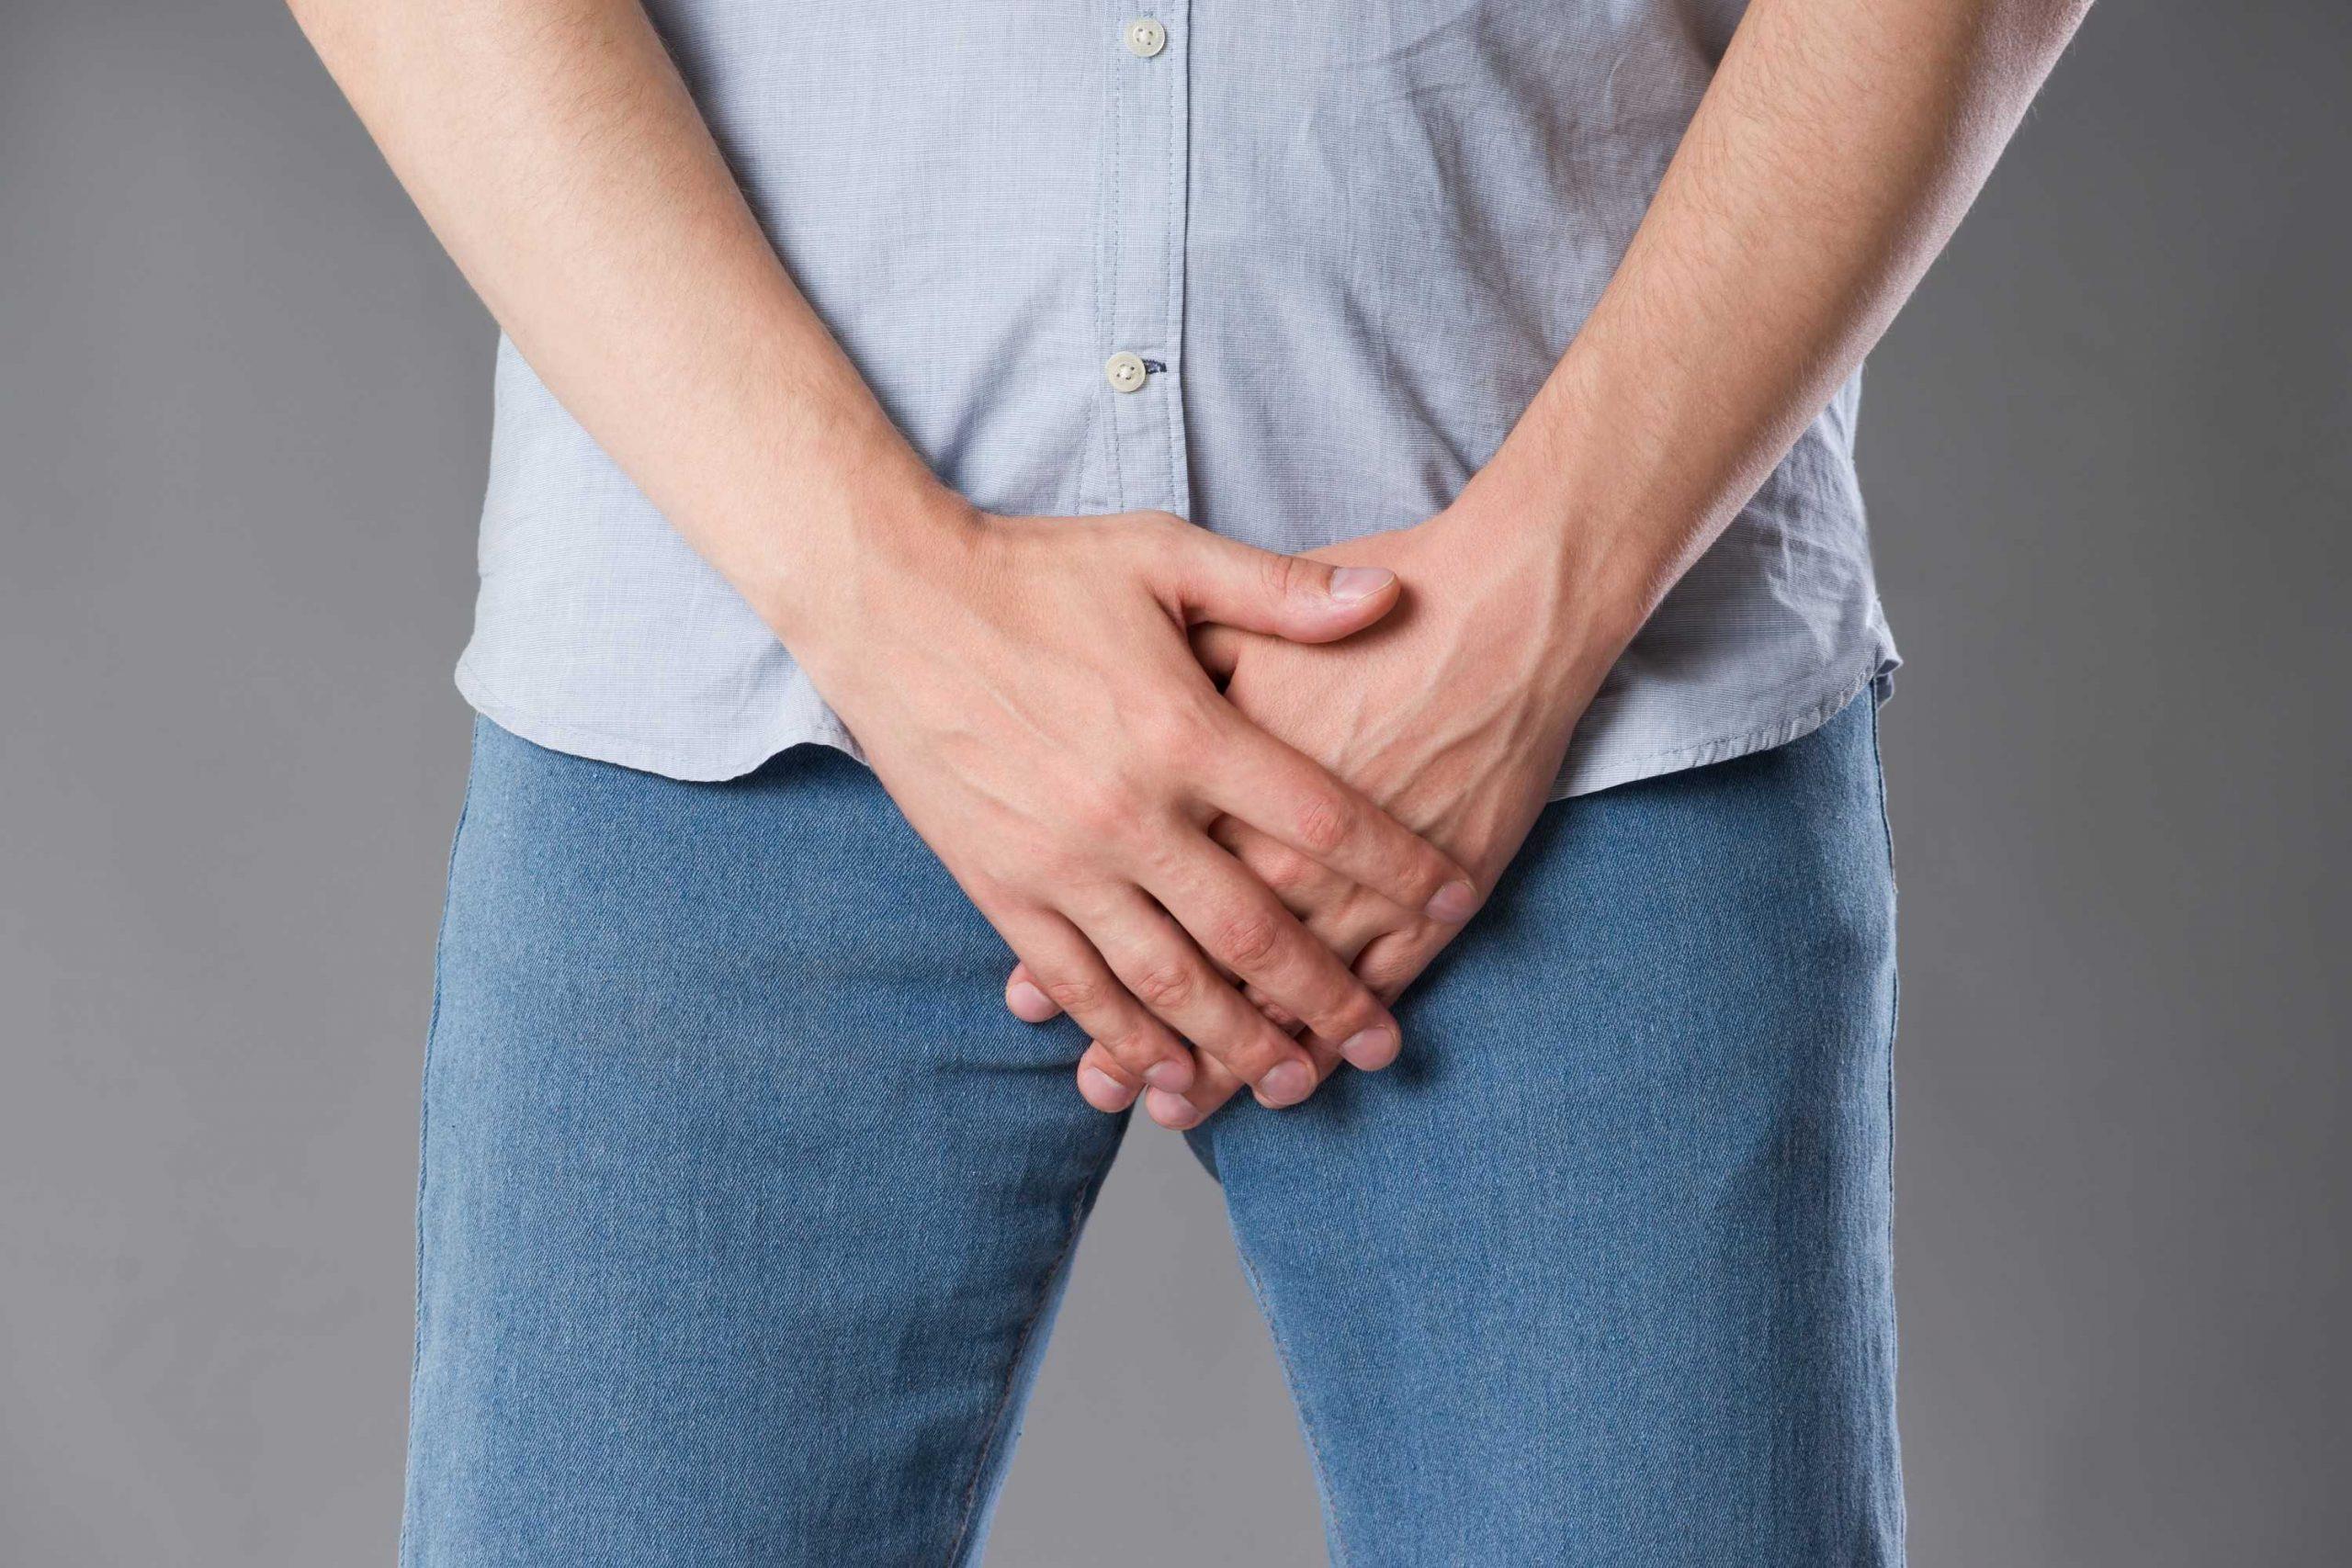 fluxo urinário fraco